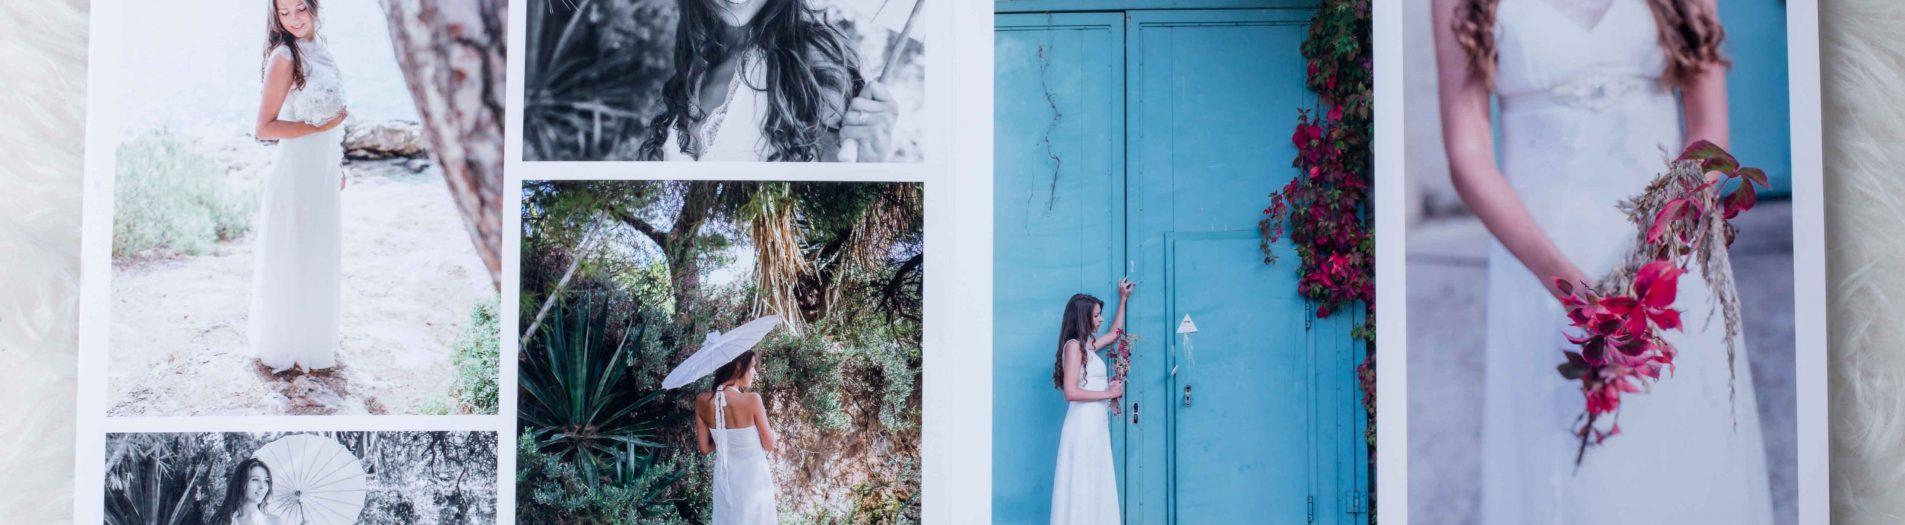 Fotobuch zur Hochzeitsreportage